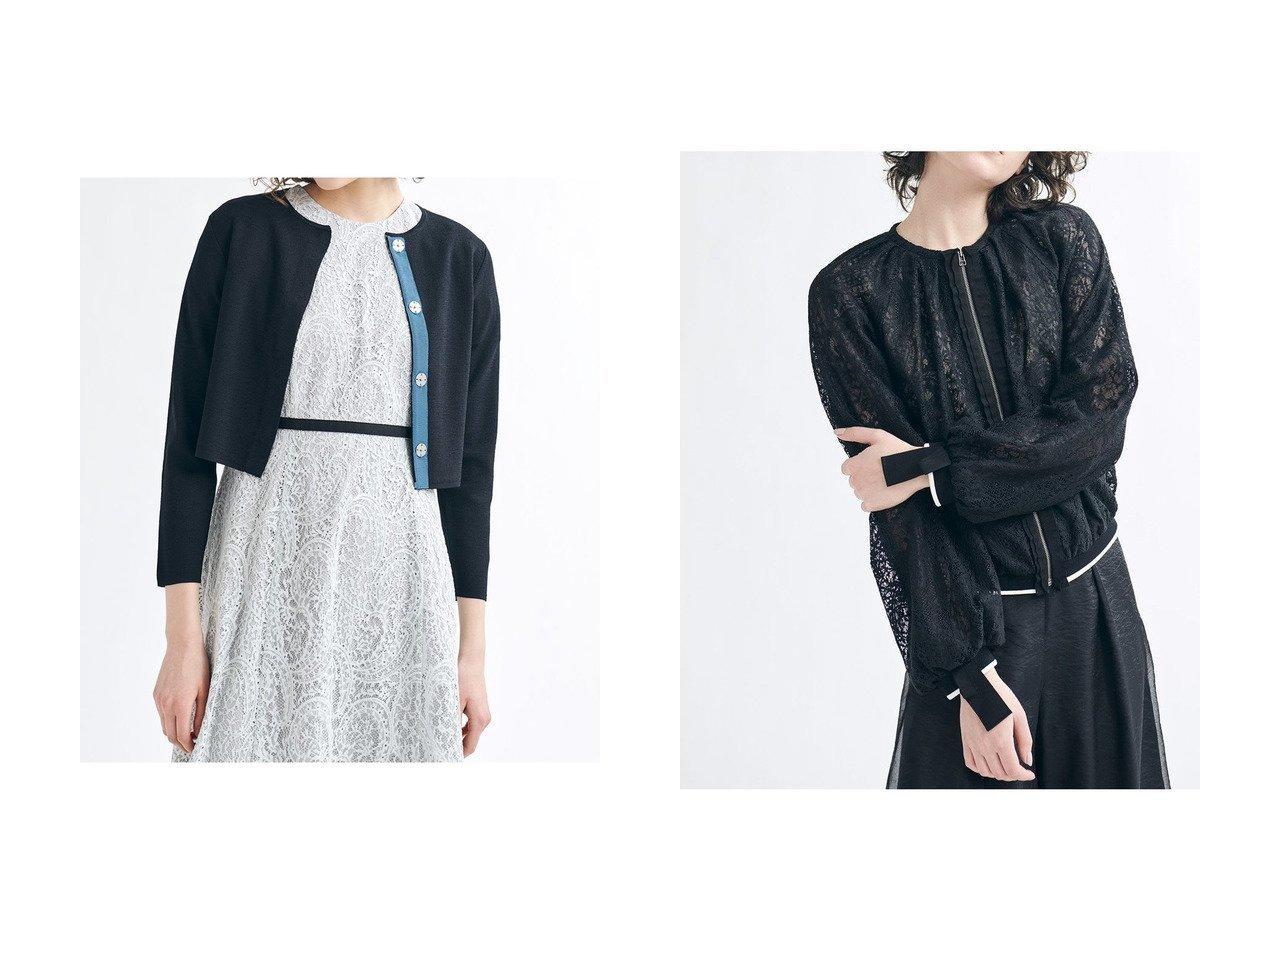 【LANVIN en Bleu/ランバン オン ブルー】のニットジャケット&レースZIPアップジャケット アウターのおすすめ!人気、トレンド・レディースファッションの通販 おすすめで人気の流行・トレンド、ファッションの通販商品 メンズファッション・キッズファッション・インテリア・家具・レディースファッション・服の通販 founy(ファニー) https://founy.com/ ファッション Fashion レディースファッション WOMEN アウター Coat Outerwear ジャケット Jackets インナー エレガント 春 Spring ギャザー グログラン シアー ジャケット チュール ミックス リボン レース 2021年 2021 S/S 春夏 SS Spring/Summer 2021 春夏 S/S SS Spring/Summer 2021 カーディガン ショート シンプル バランス |ID:crp329100000024789